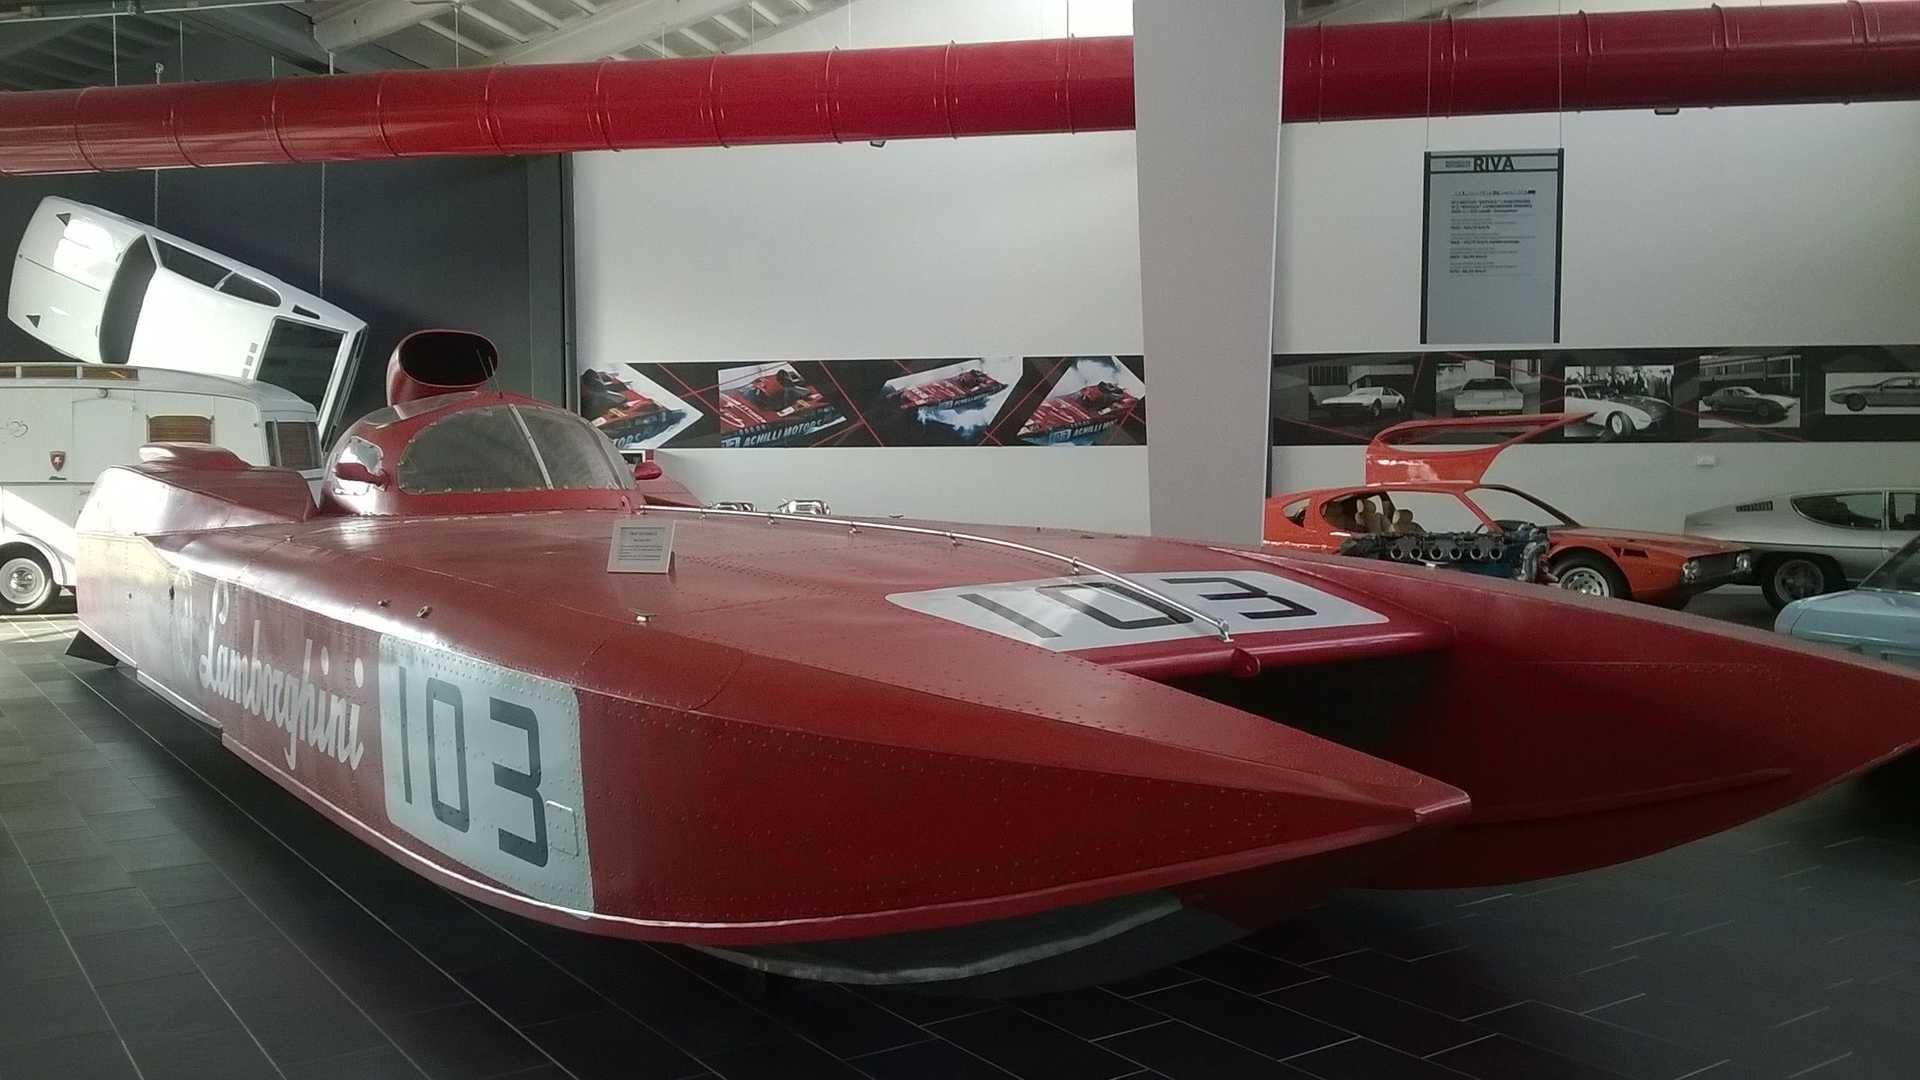 https://cdn.motor1.com/images/mgl/x7Gp6/s6/fast-45-diablo-e-gli-altri-motoscafi-con-cuori-da-supercar.jpg